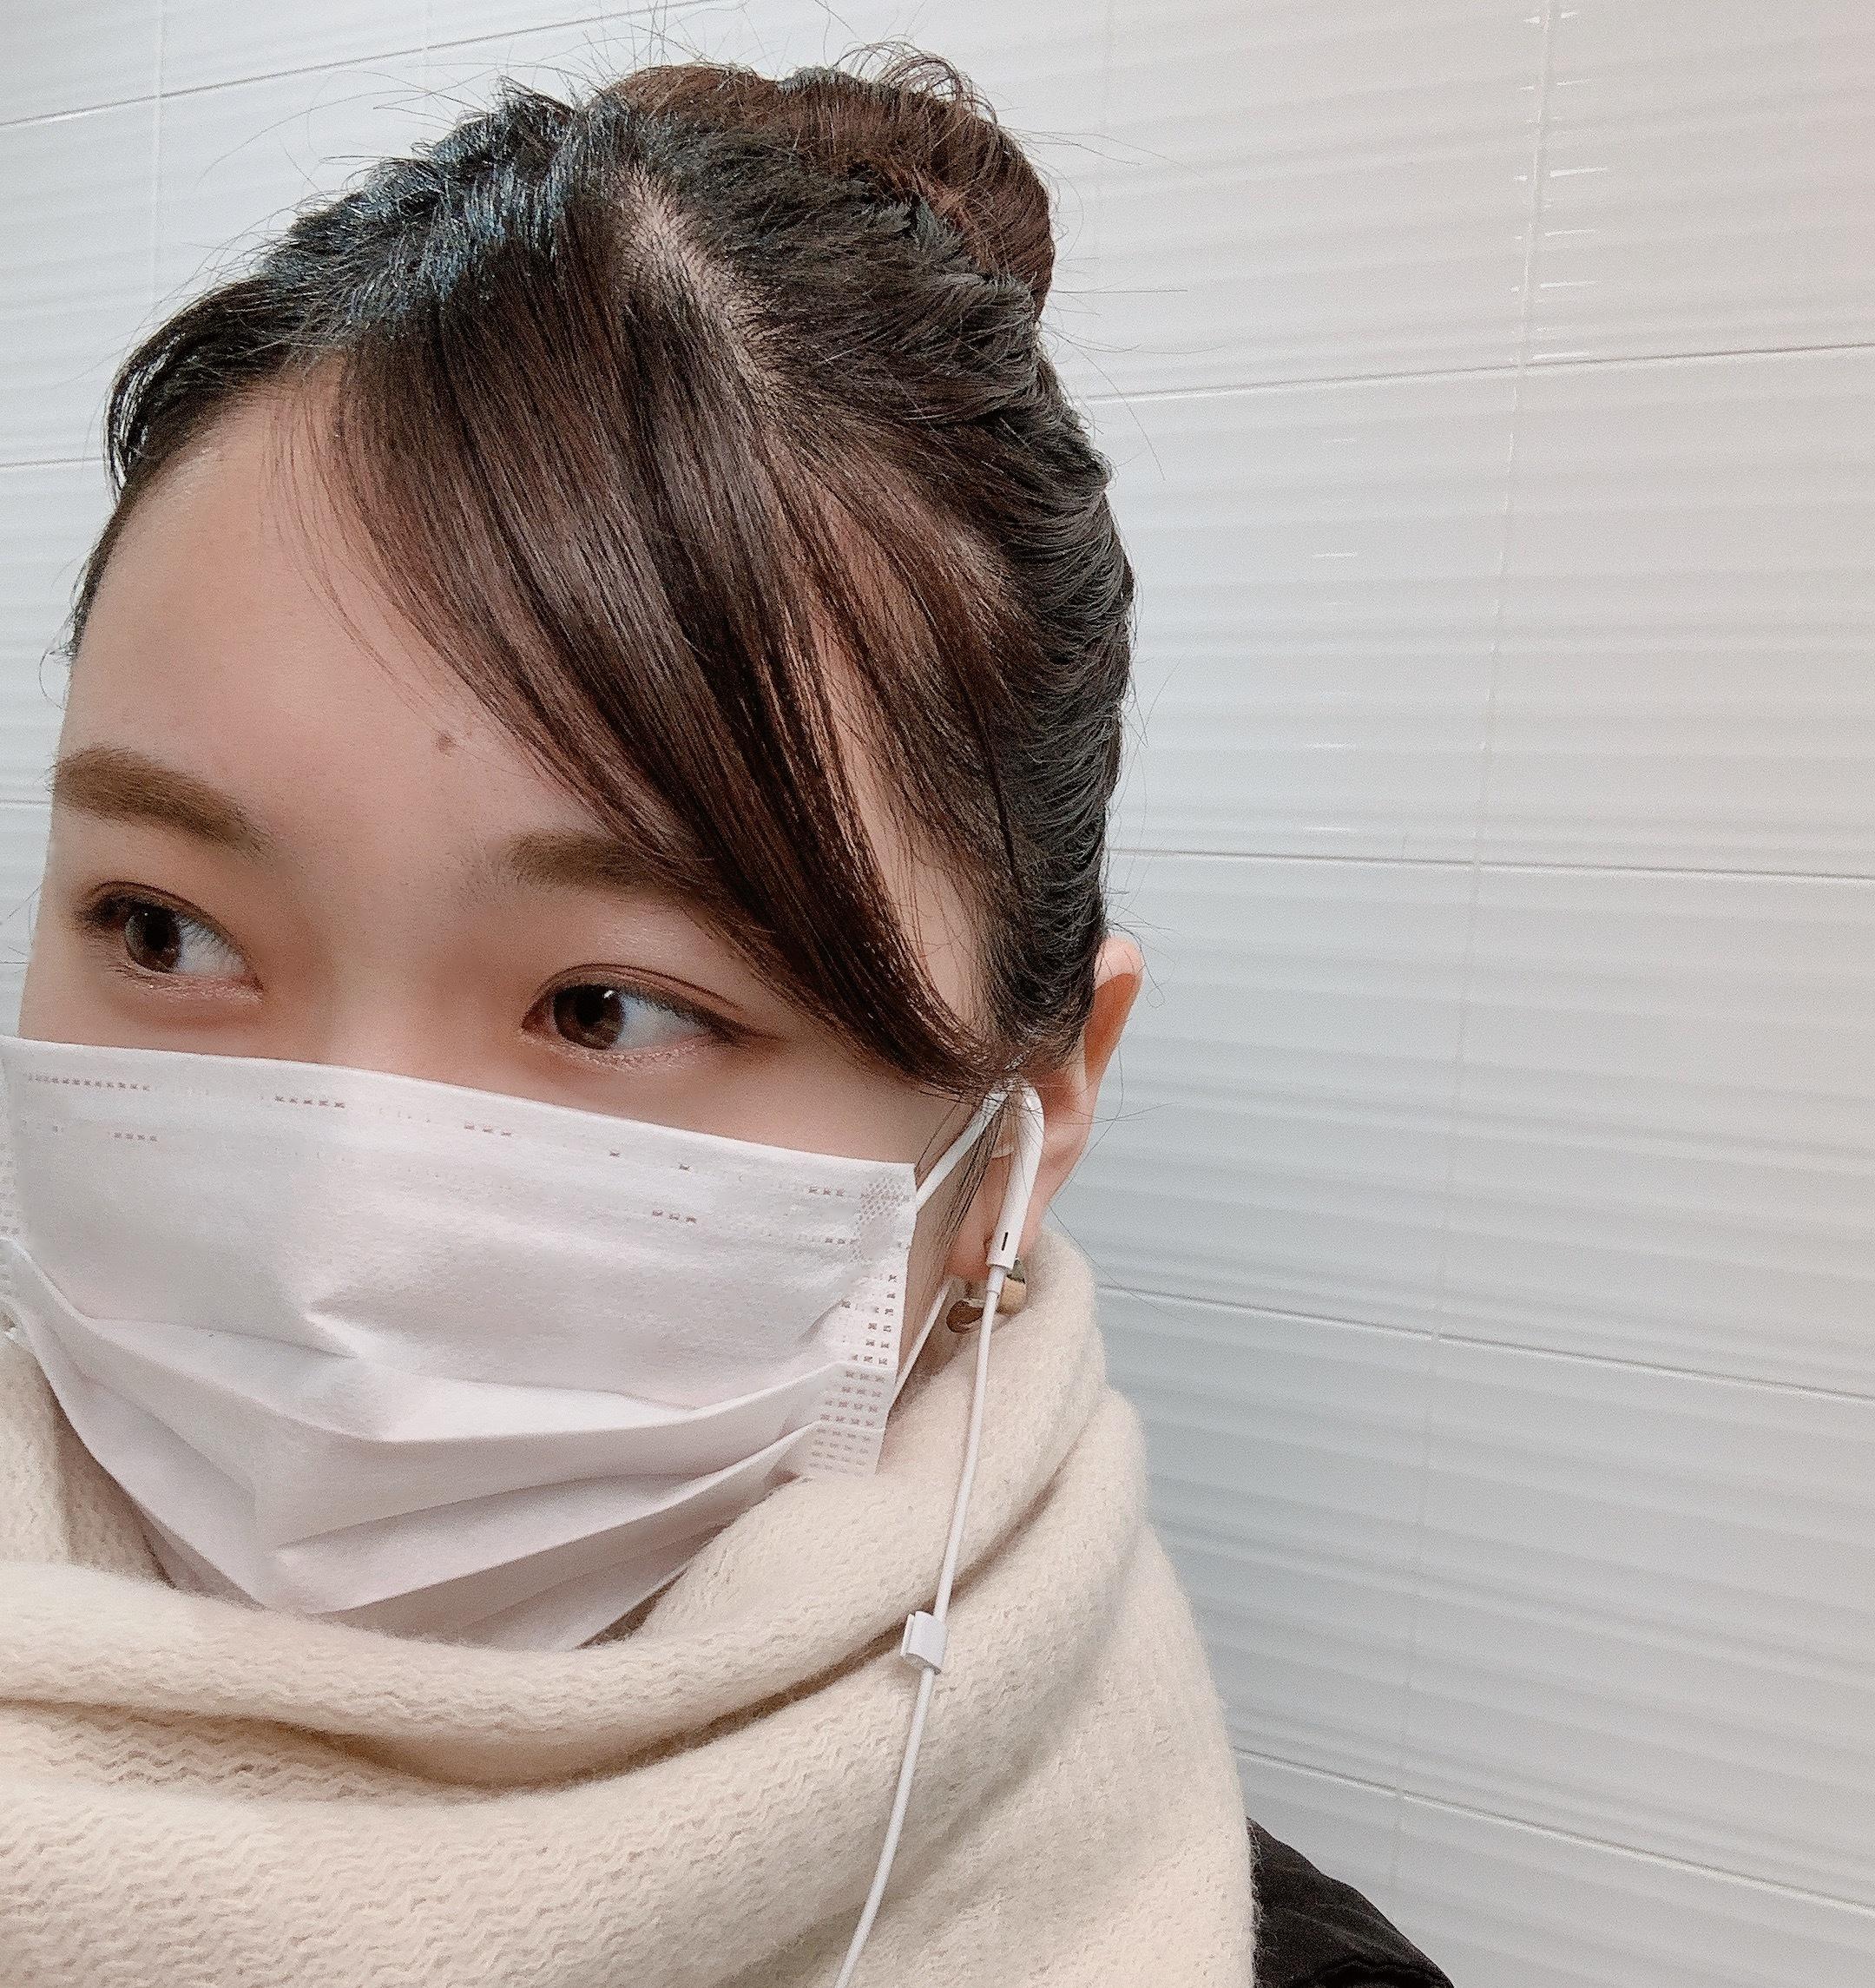 【2月号】本日発売の2月号!嵐さんが表紙です!_1_3